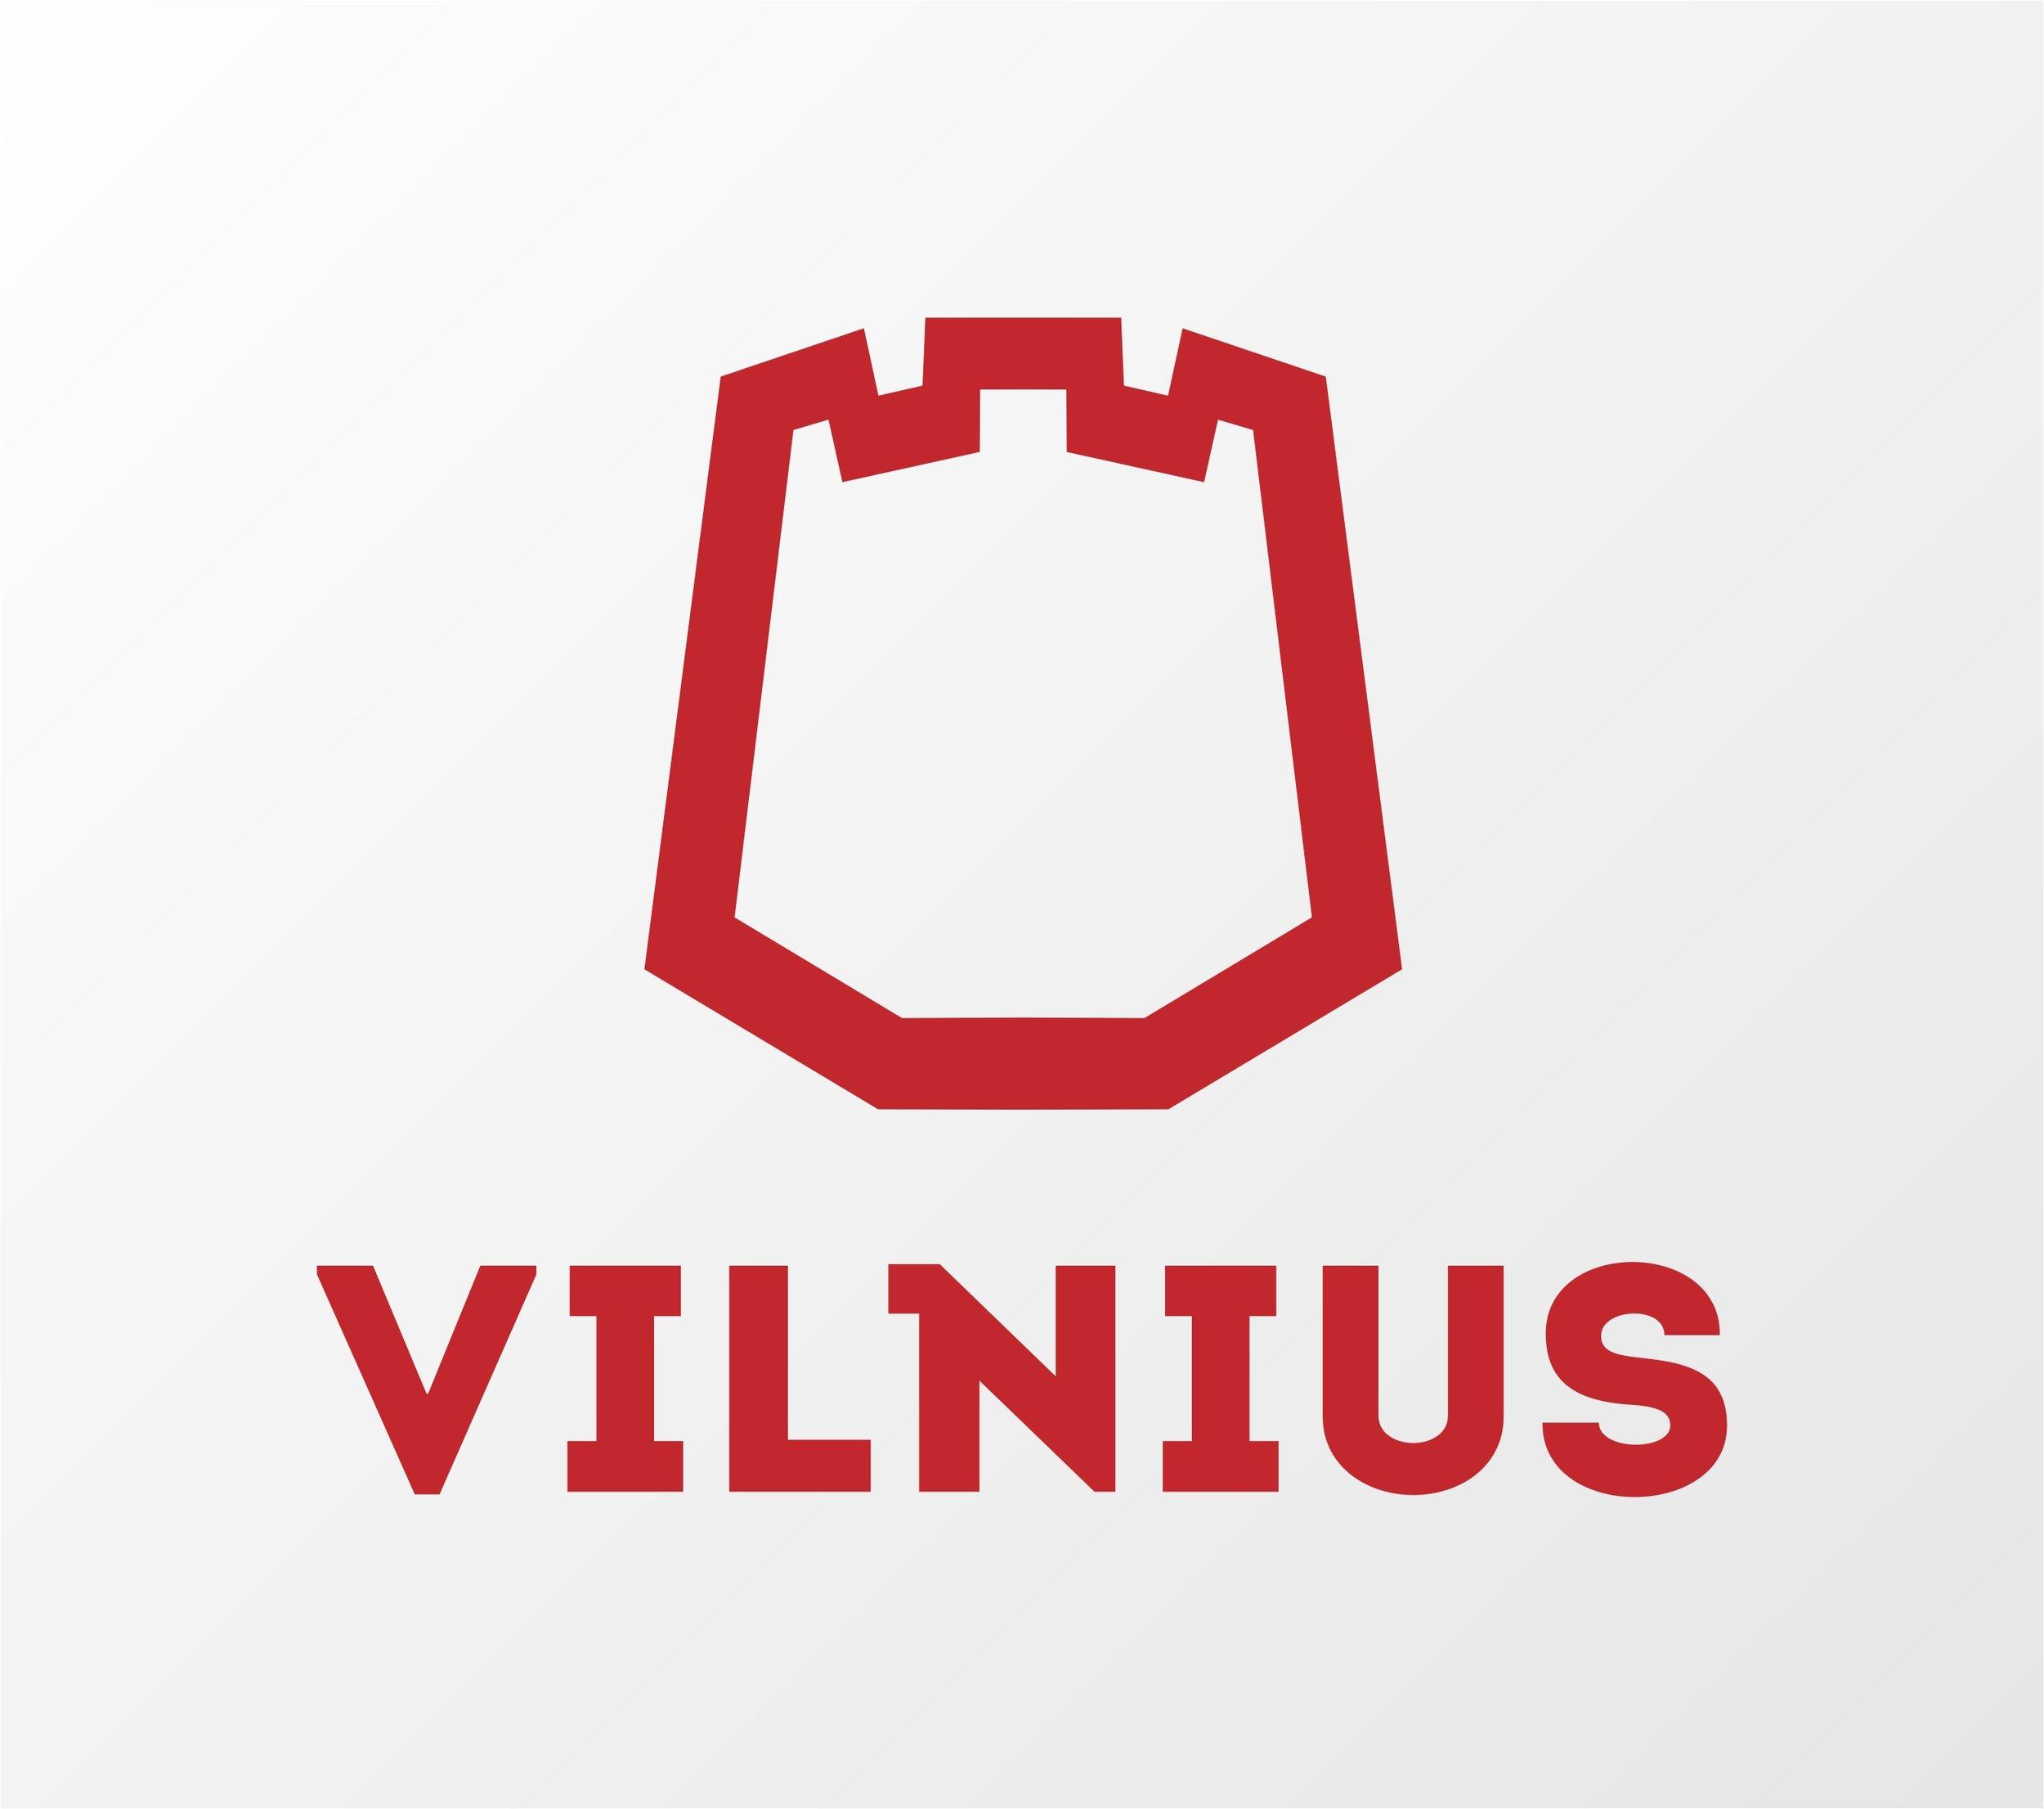 VILNIUS_RED_RGB.jpg